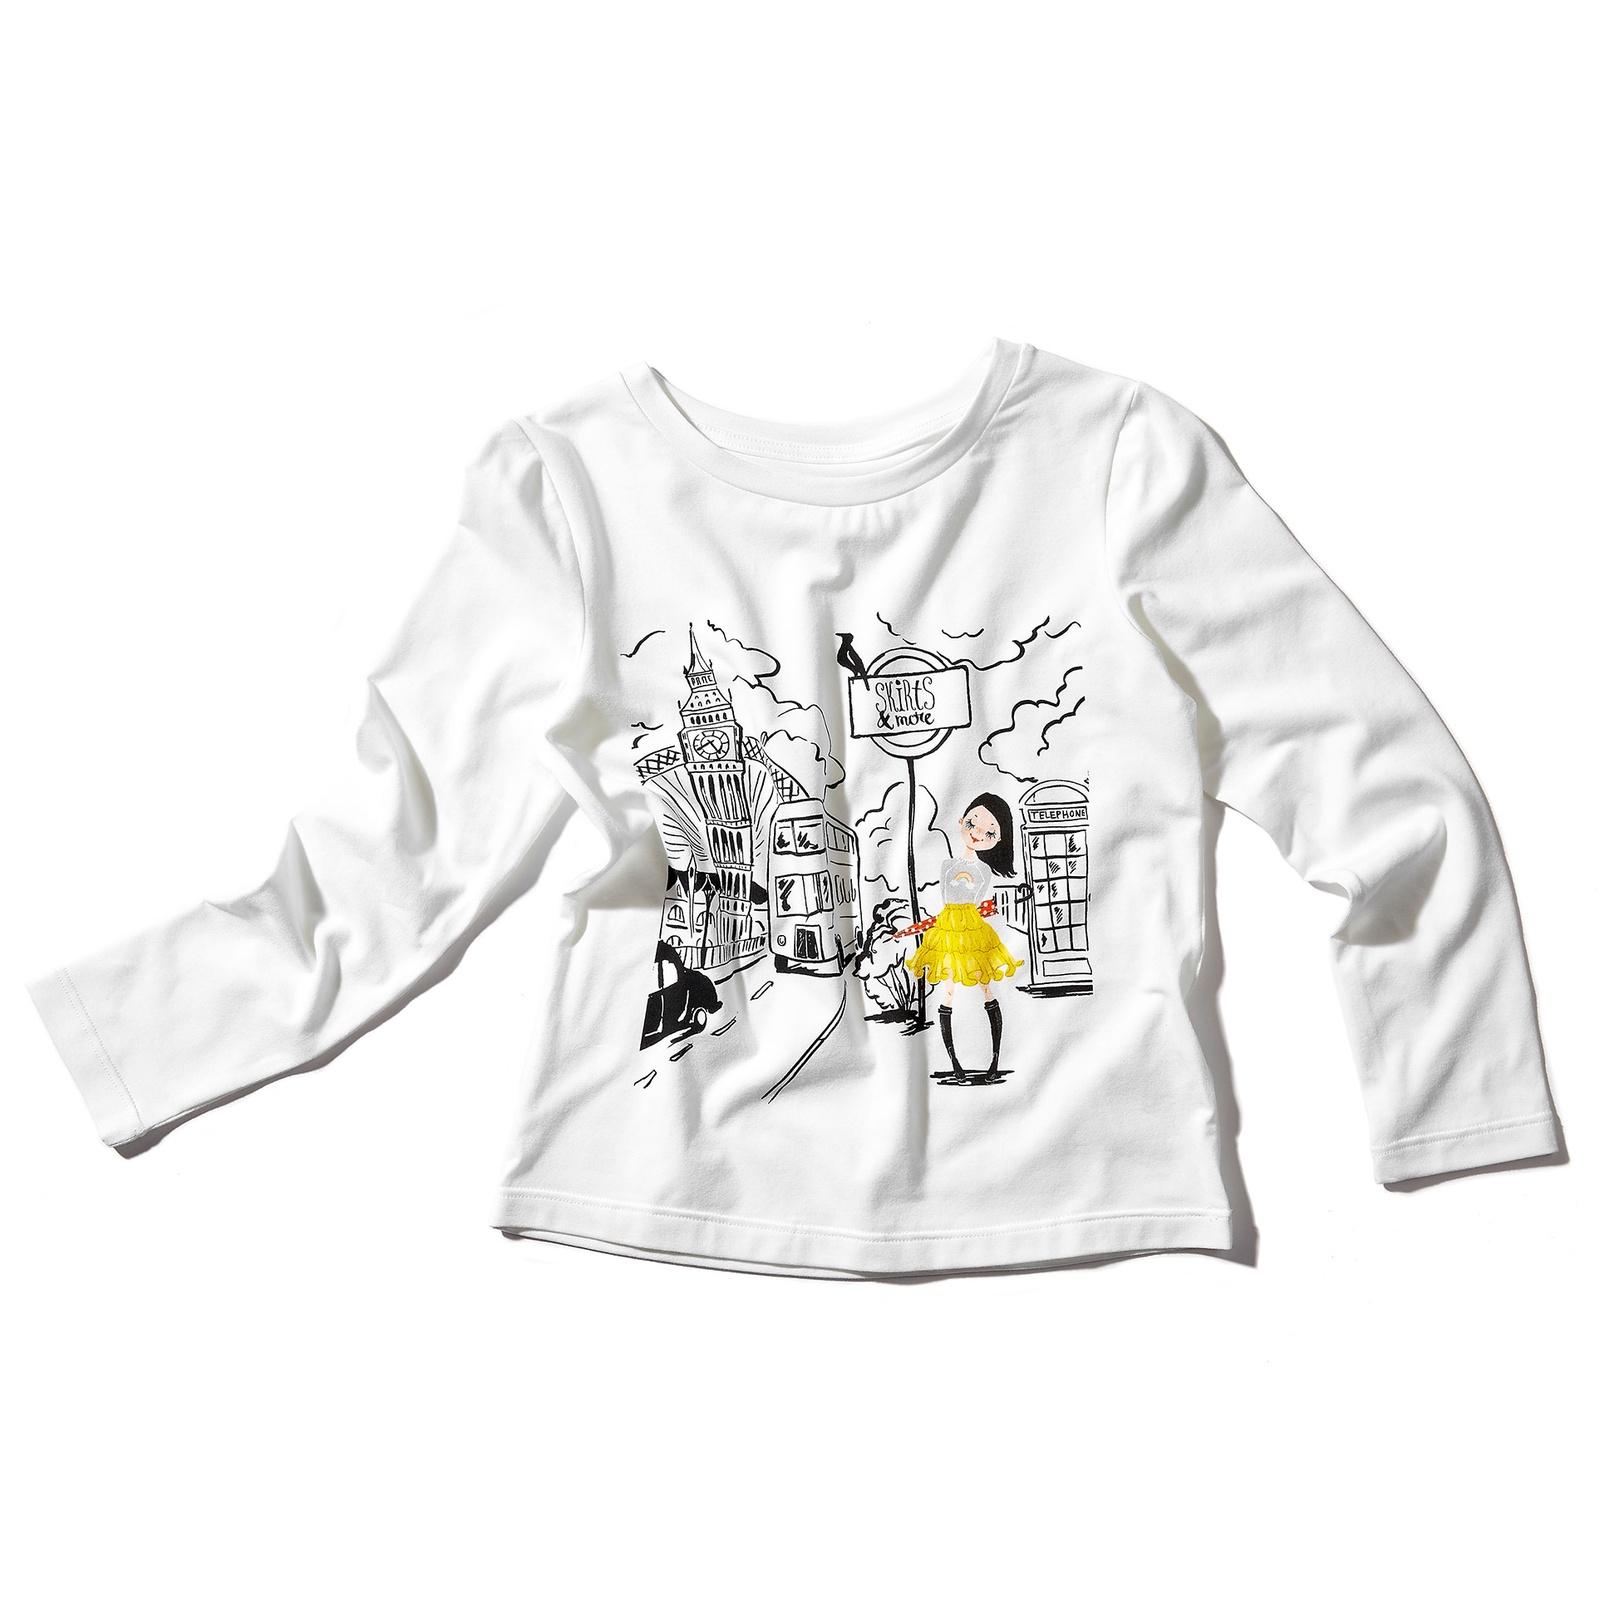 Фото - Лонгслив Skirts and more jeremyville белая футболка из хлопка с принтом